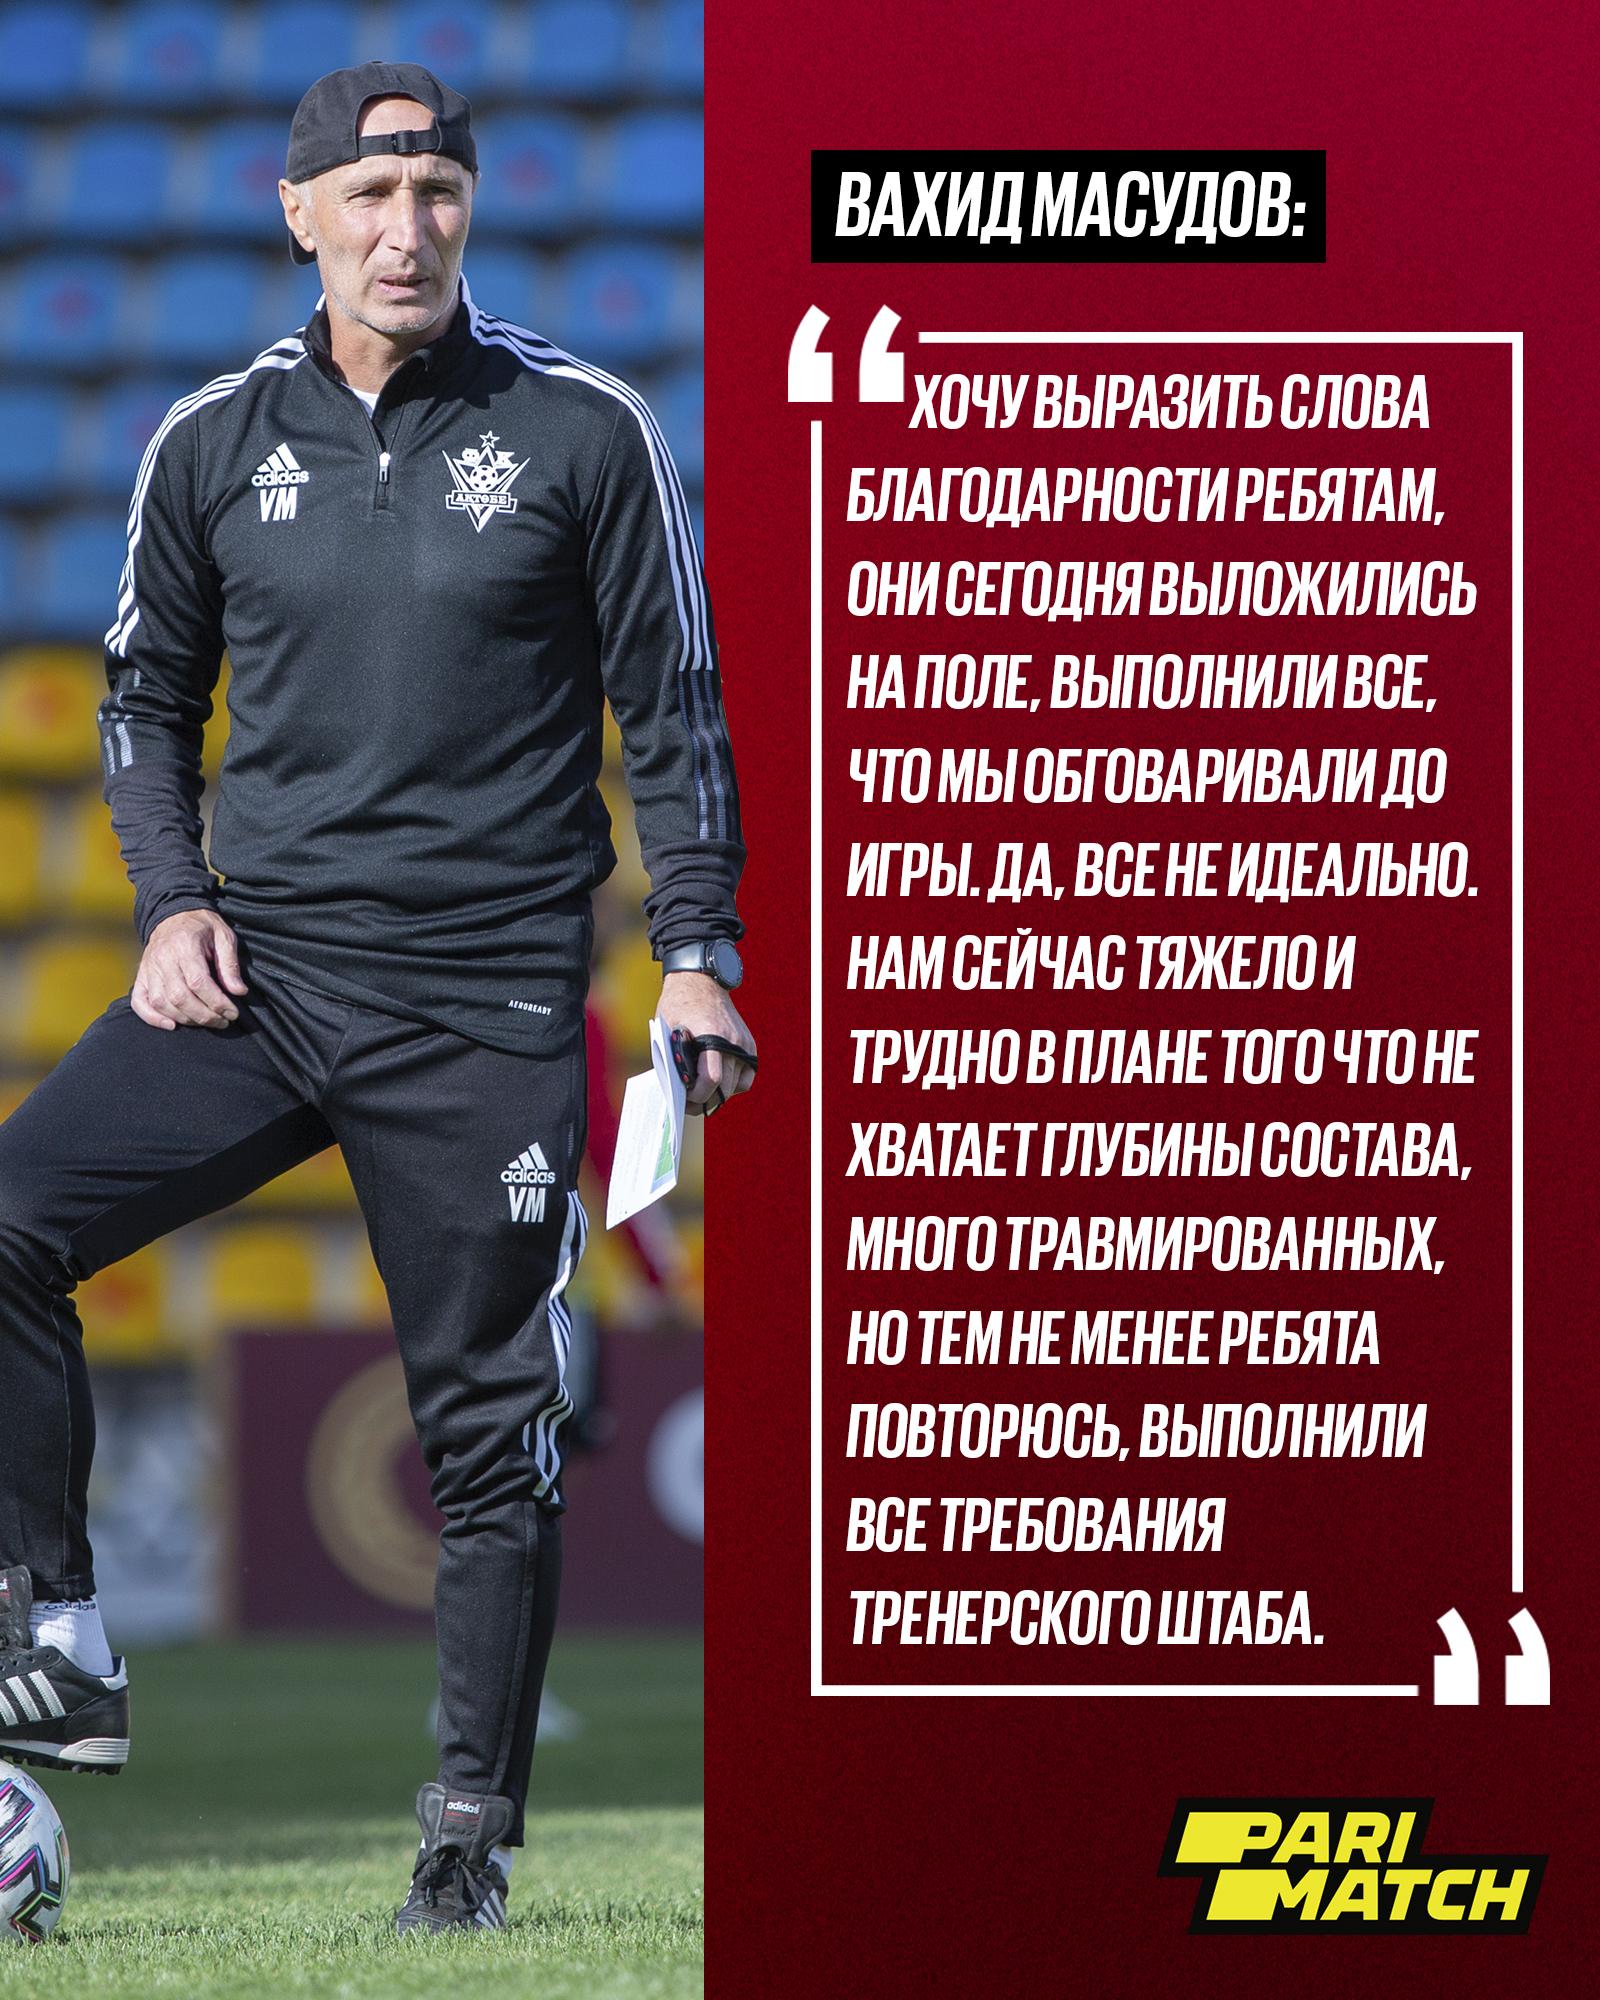 Вахид Масудов: Отдельное спасибо нашим болельщикам!